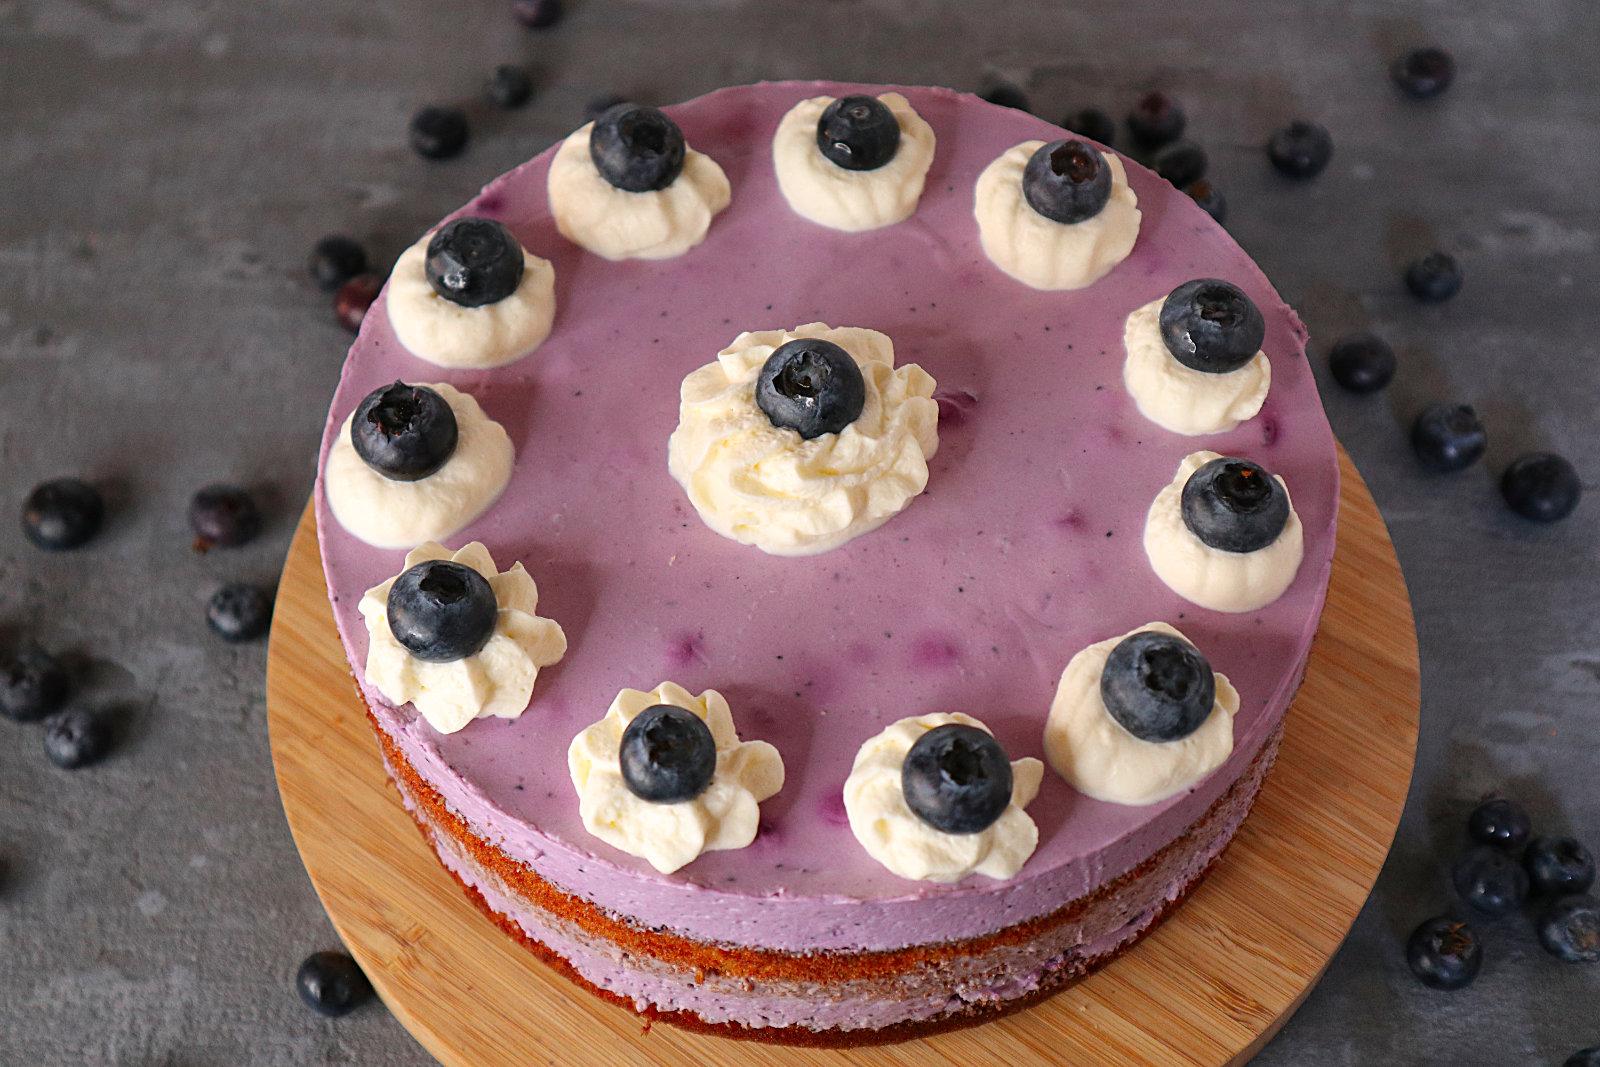 Glutenfreie Quark-Joghurt-Torte mit Blaubeeren